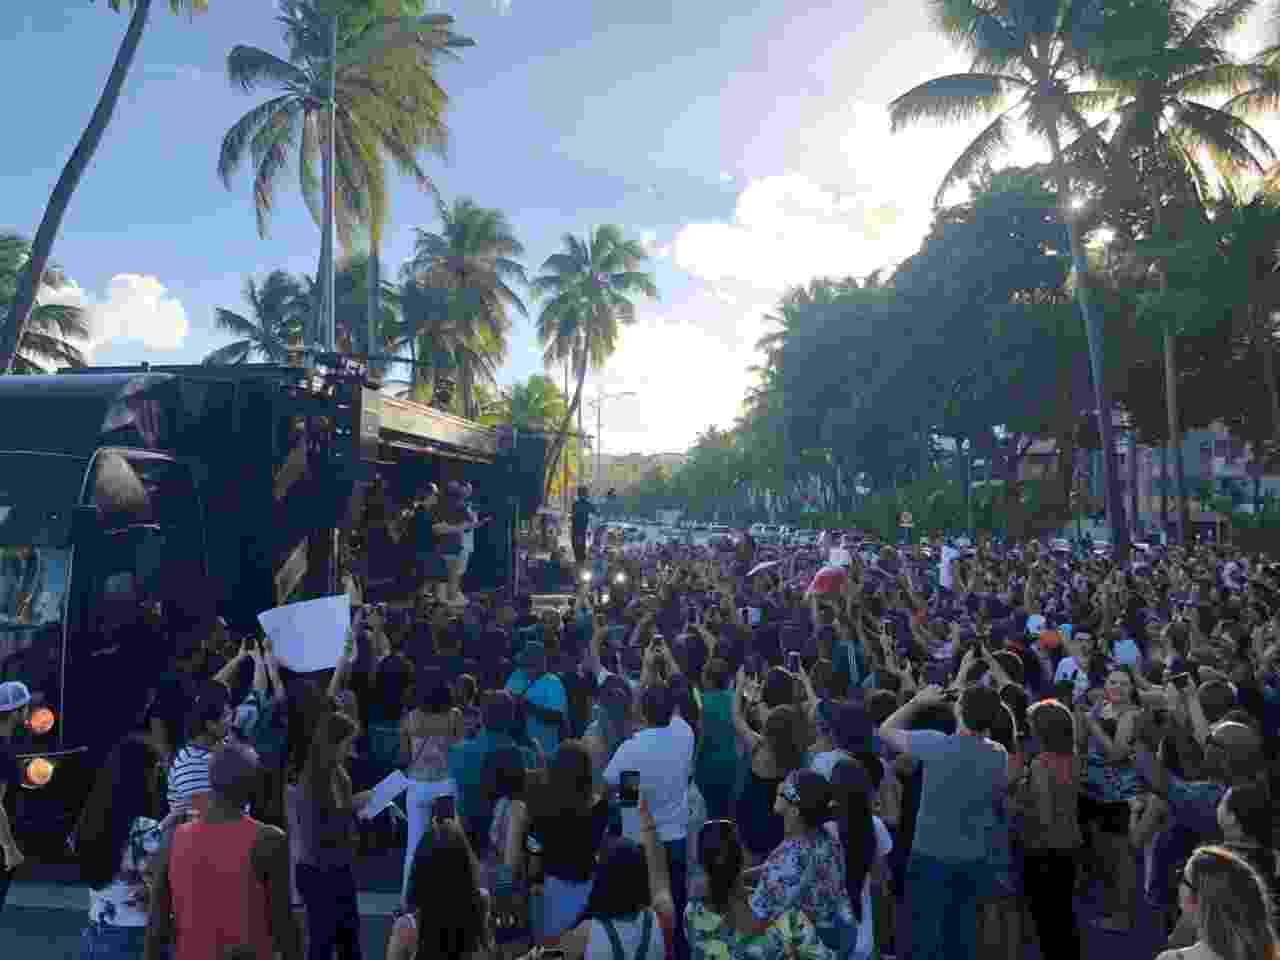 Multidão acompanha show surpresa de Luan Santana na orla de praia de Maceió - Divulgação